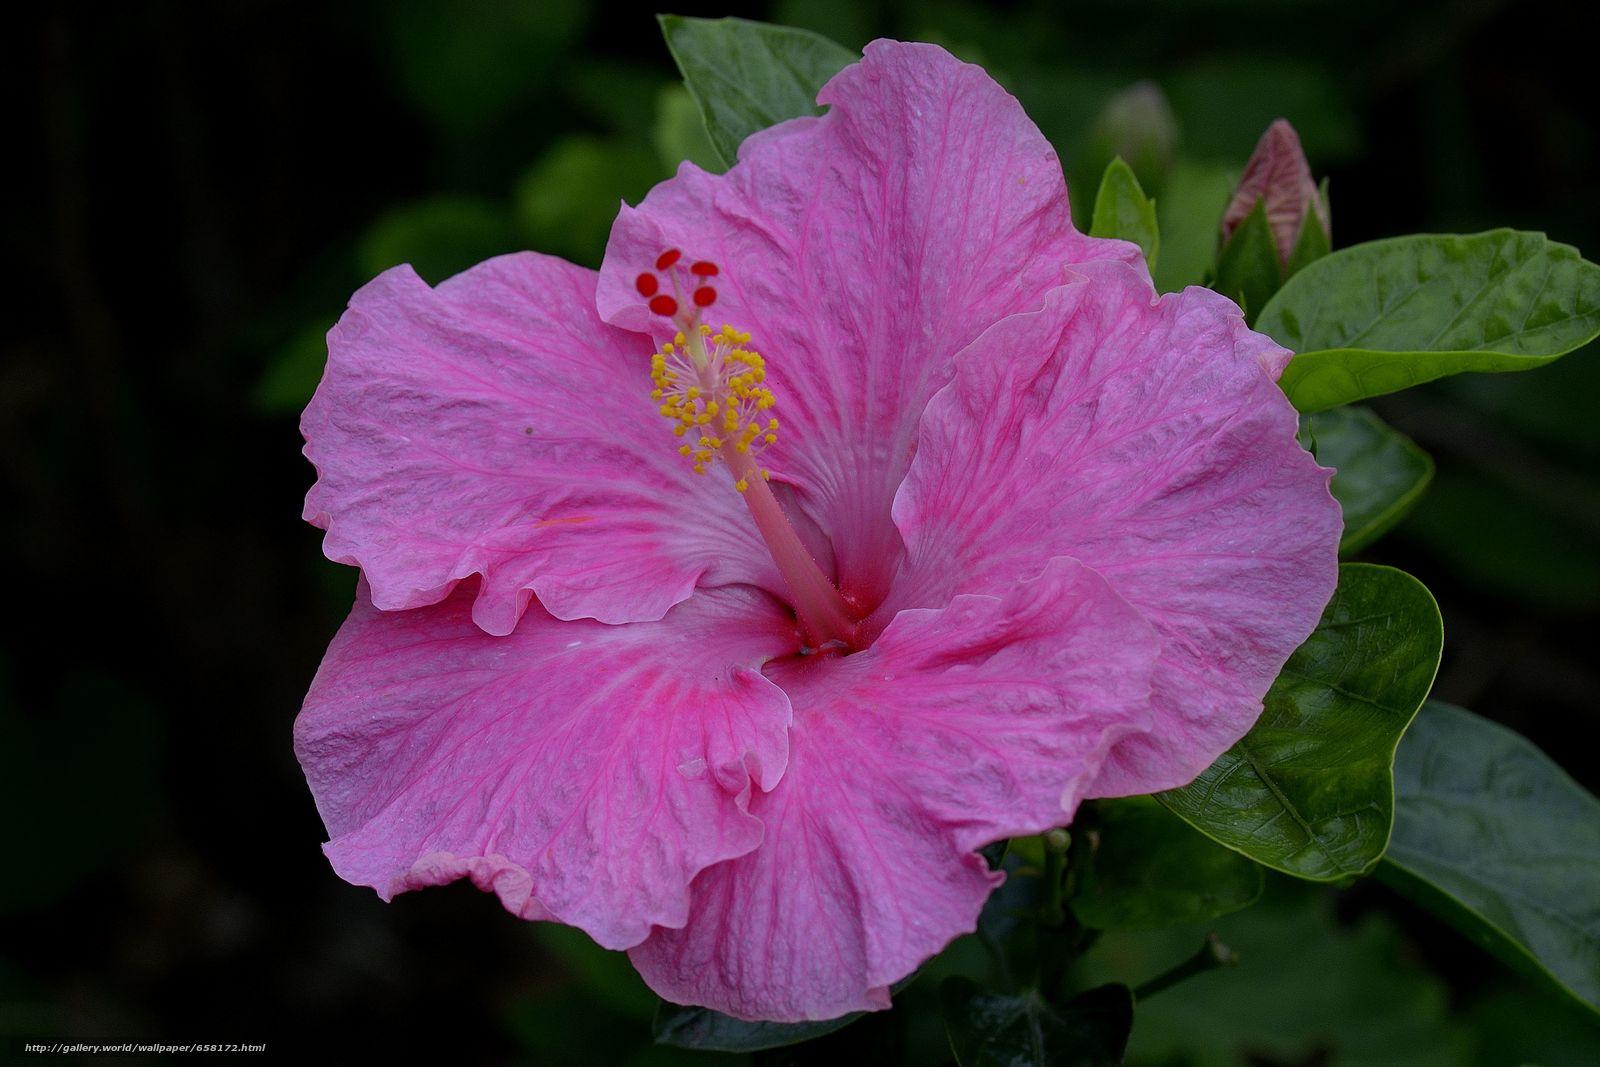 Скачать обои Гибискус,  Hibiscus,  цветы,  цветок бесплатно для рабочего стола в разрешении 4464x2976 — картинка №658172